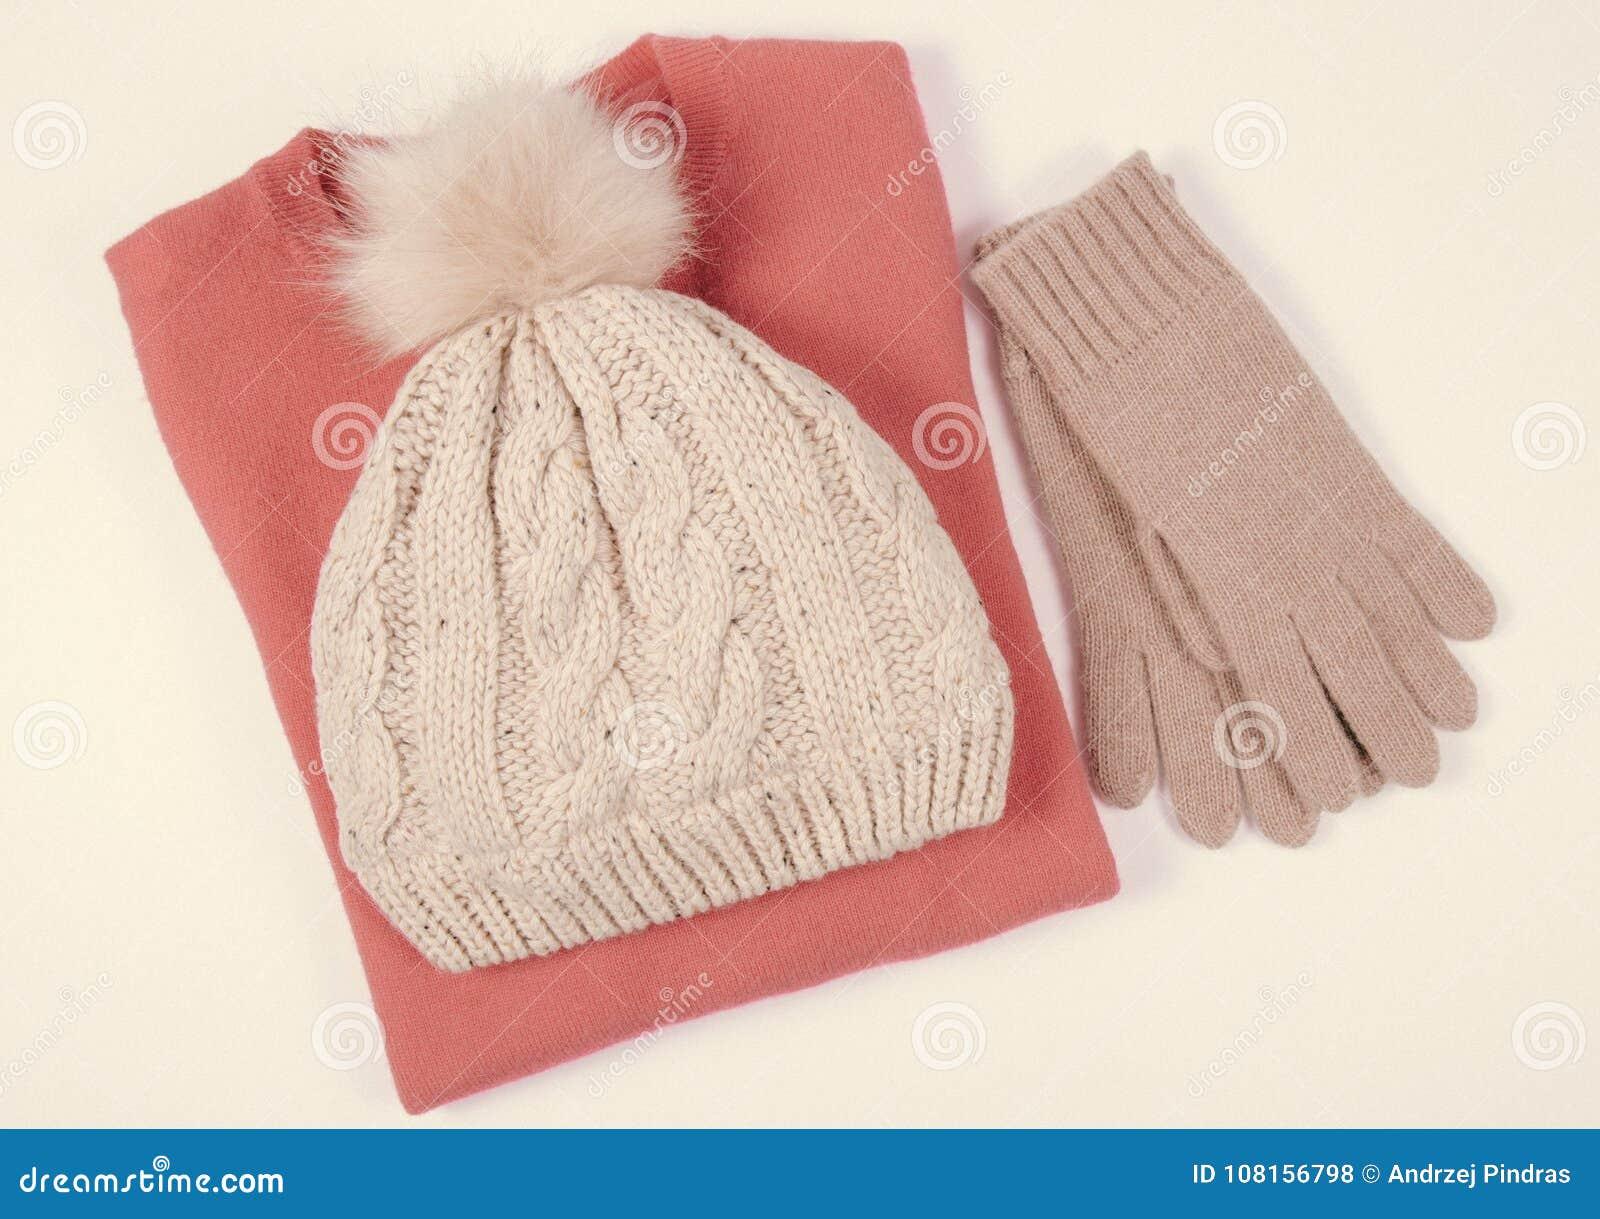 6b2248ee018 Wool Hat